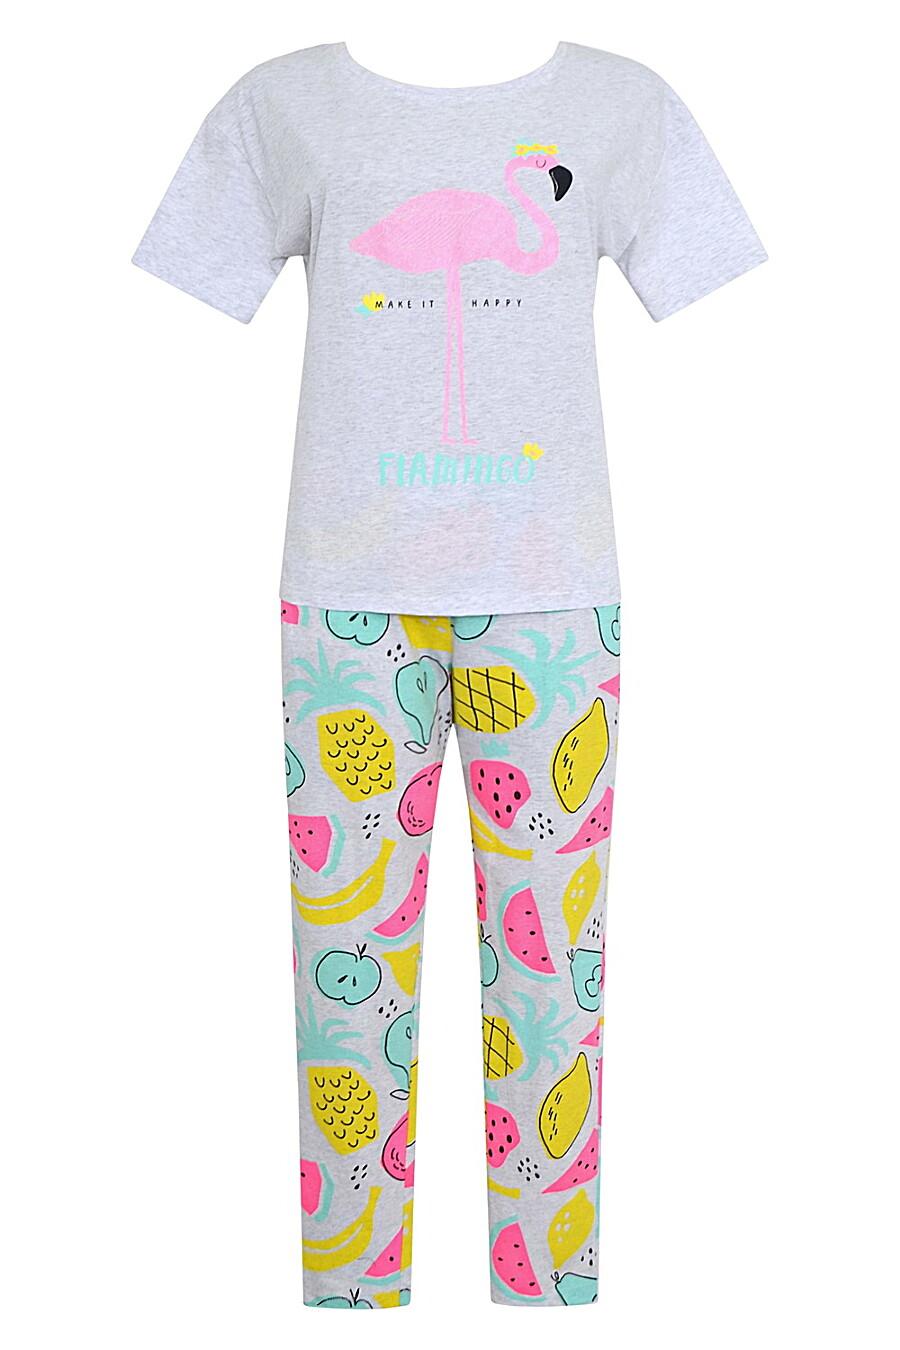 Комплект (Легинсы+Футболка) для женщин TRIKOZZA 121703 купить оптом от производителя. Совместная покупка женской одежды в OptMoyo